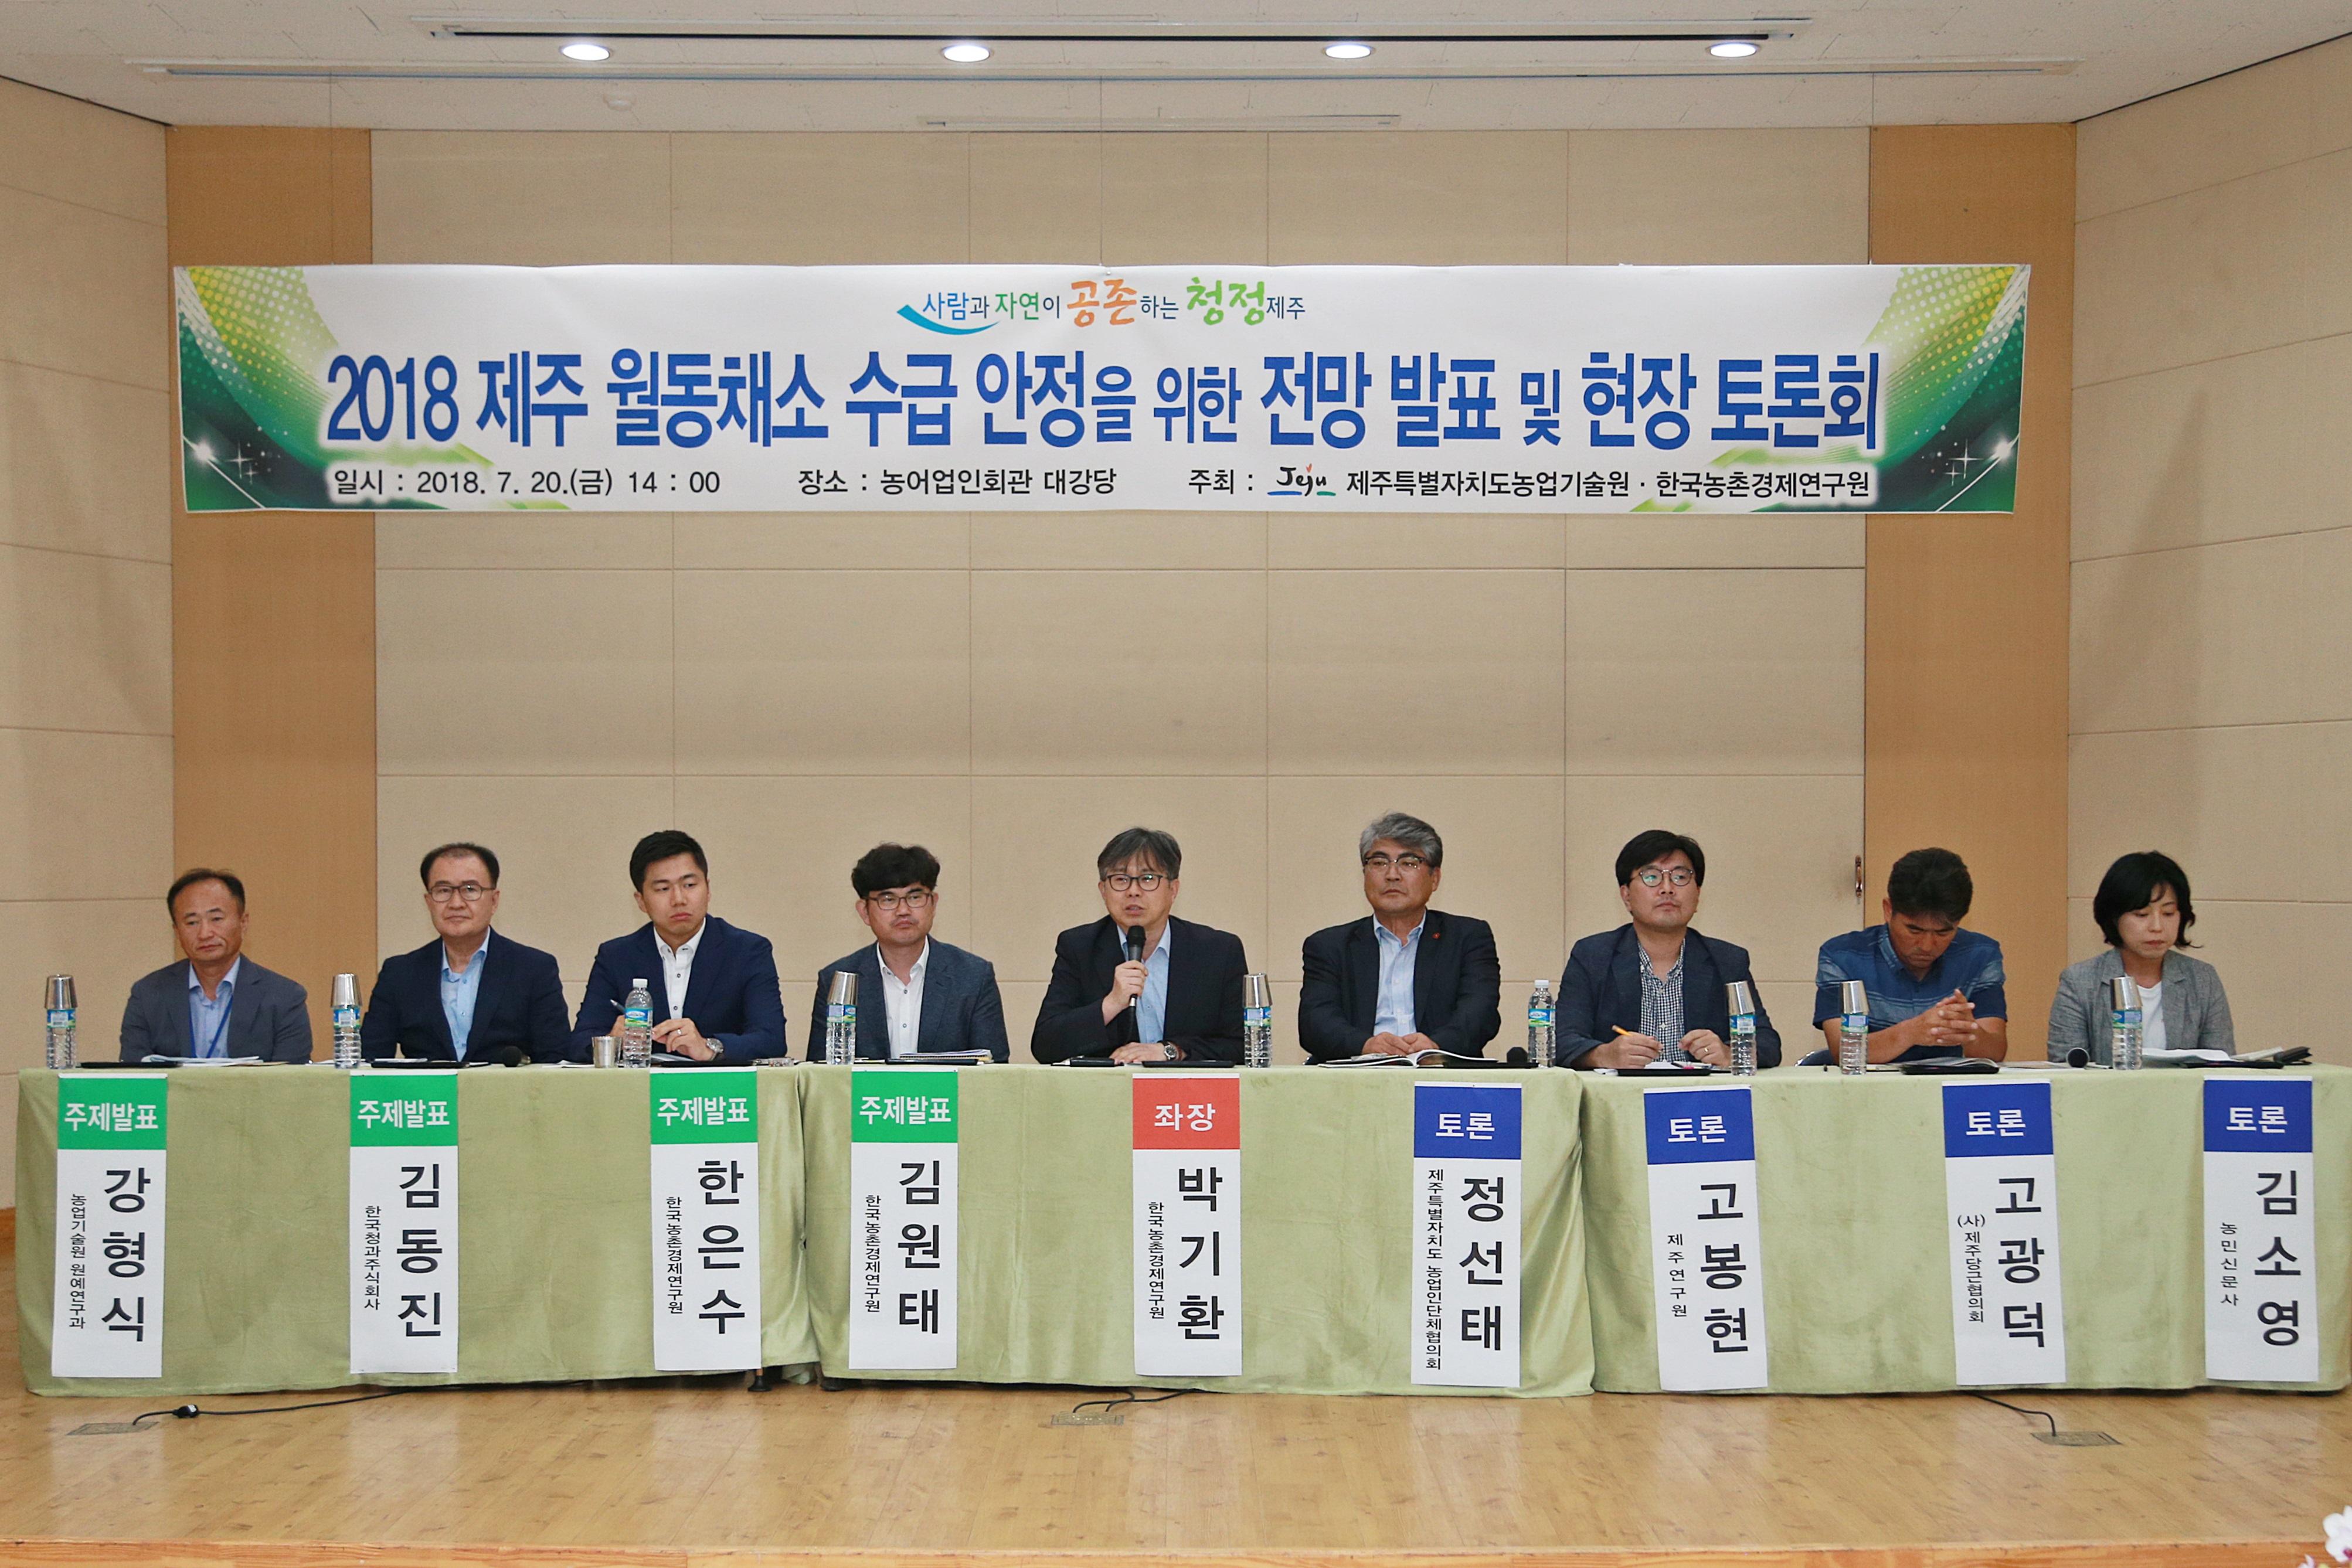 2018 제주 월동채소 전망 발표회 개최